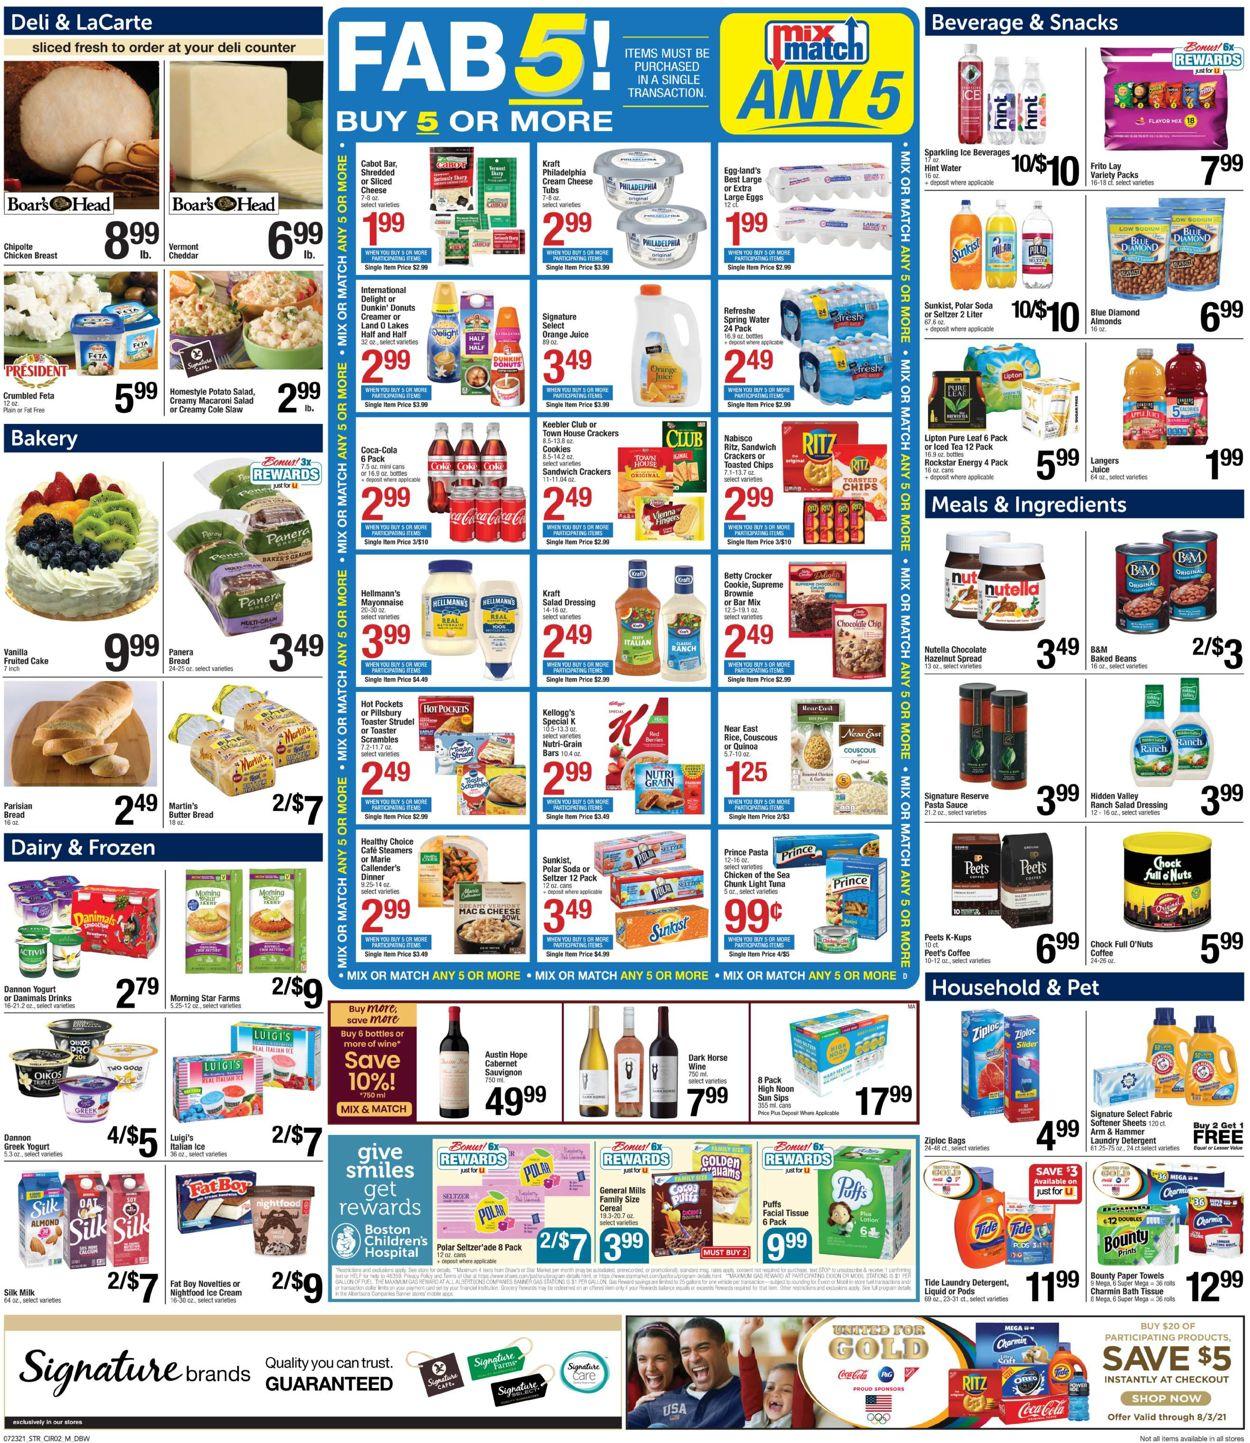 Star Market Weekly Ad Circular - valid 07/23-07/29/2021 (Page 3)